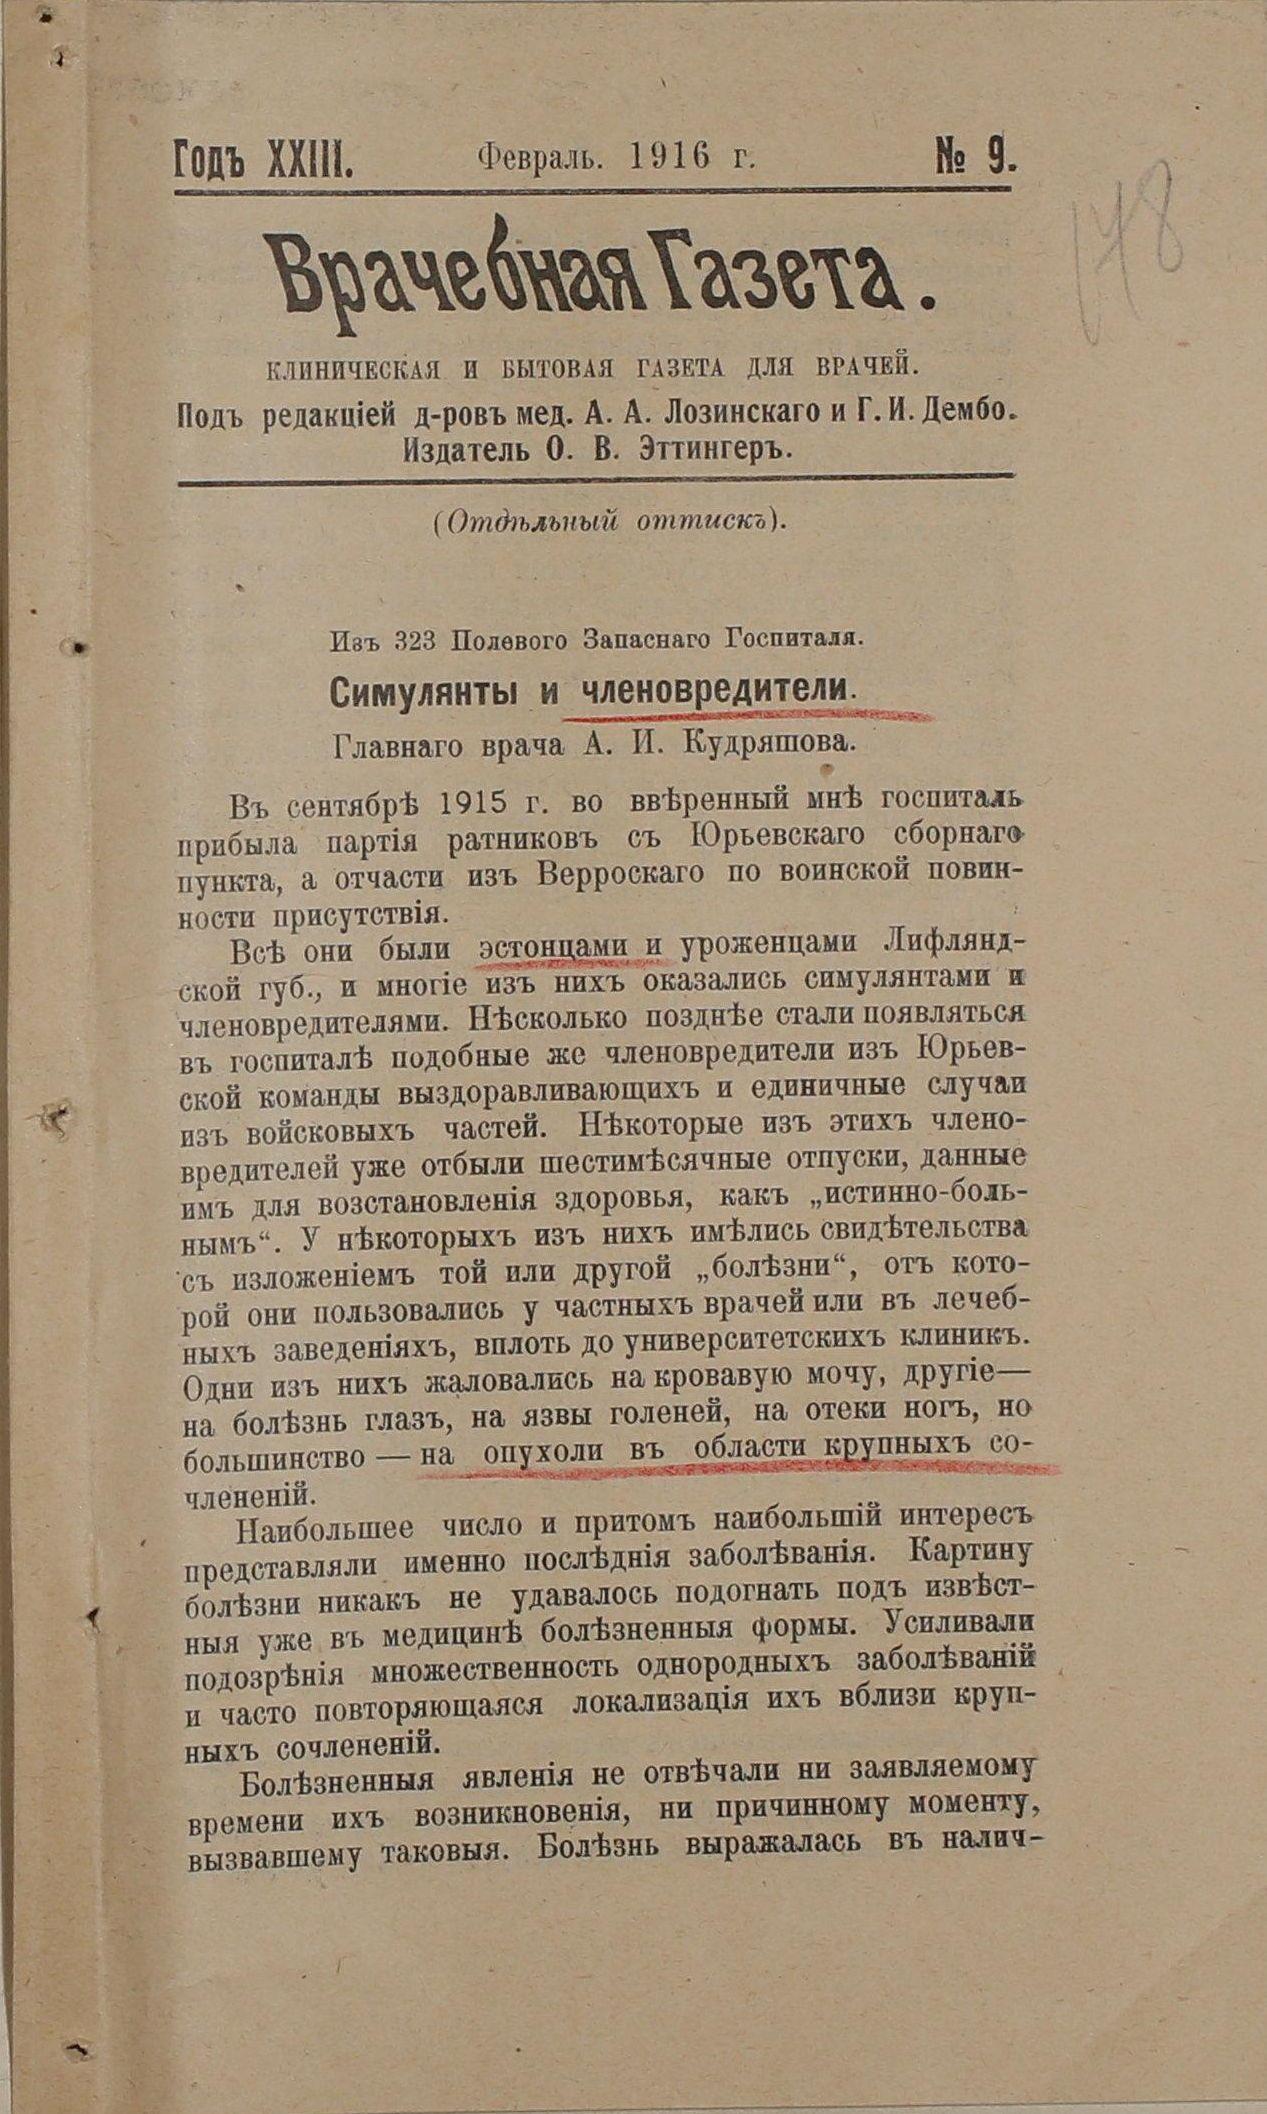 Arsti A. Kudrjašovi artikkel simulantidest ja enesevigastajatest Arstlikus Ajalehes. EAA.37.1.120